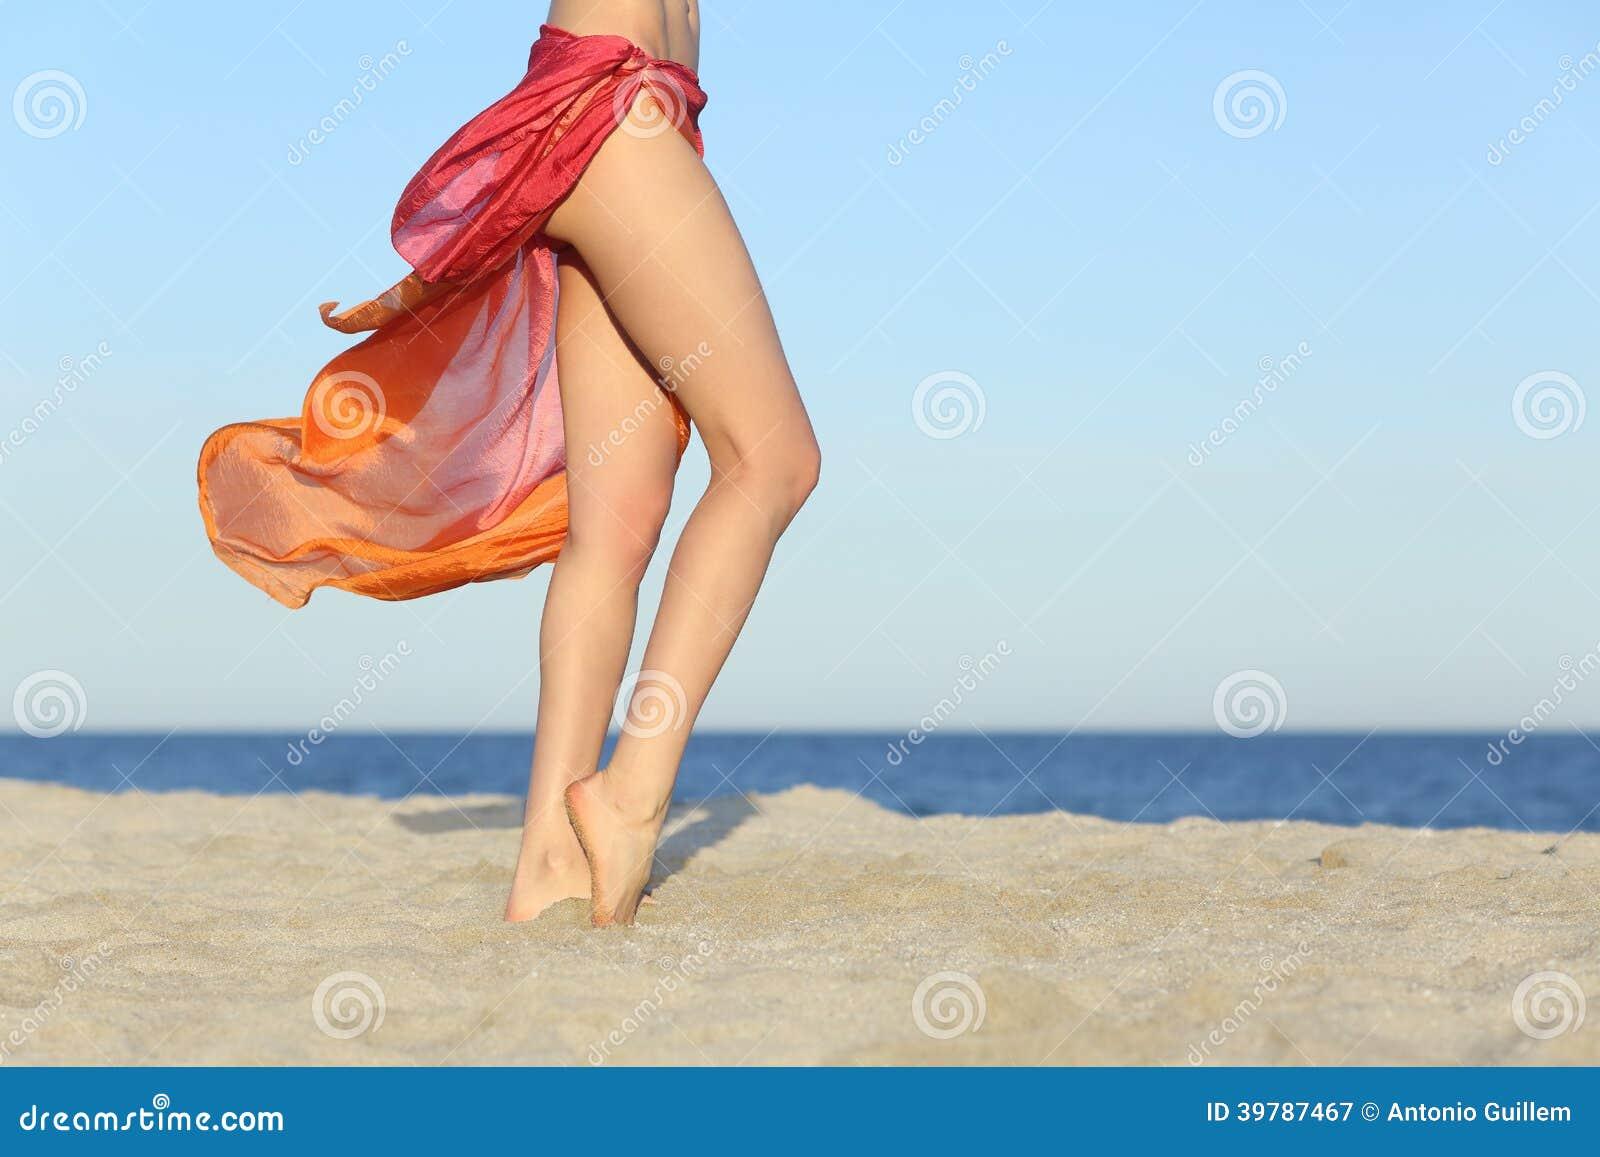 Den stående kvinnan lägger benen på ryggen att posera på stranden som bär en pareo